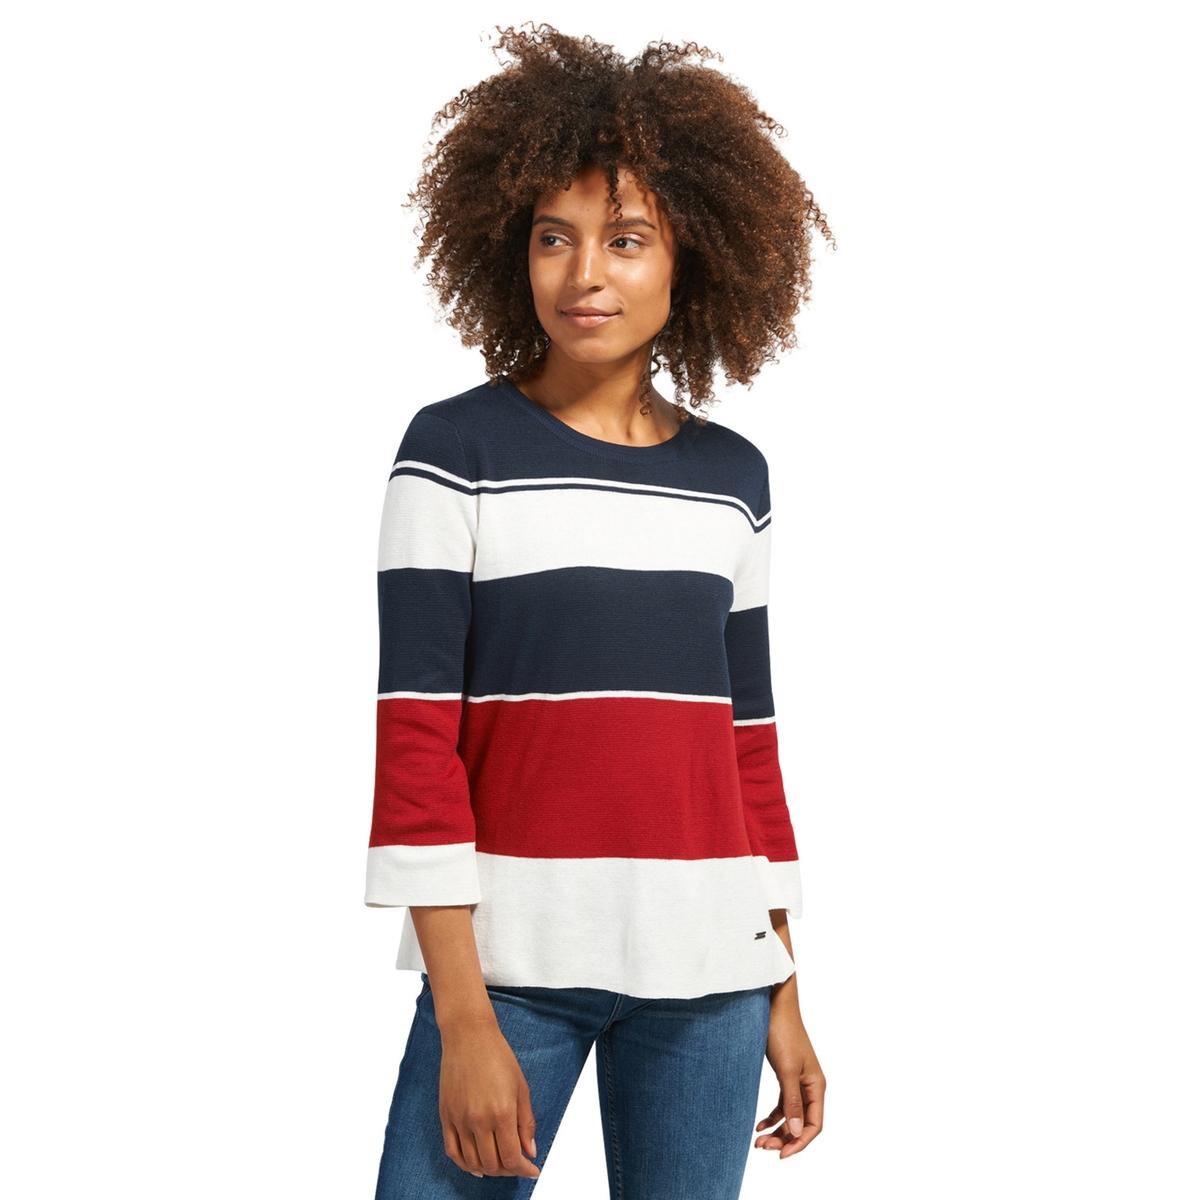 Пуловер с круглым вырезом из тонкого трикотажаОписание:Детали •  Длинные рукава •  Круглый вырез •  Тонкий трикотаж  •  Рисунок в полоску  Состав и уход •  50% акрила, 50% хлопка •  Следуйте советам по уходу, указанным на этикетке<br><br>Цвет: синий/красный/белый<br>Размер: XL